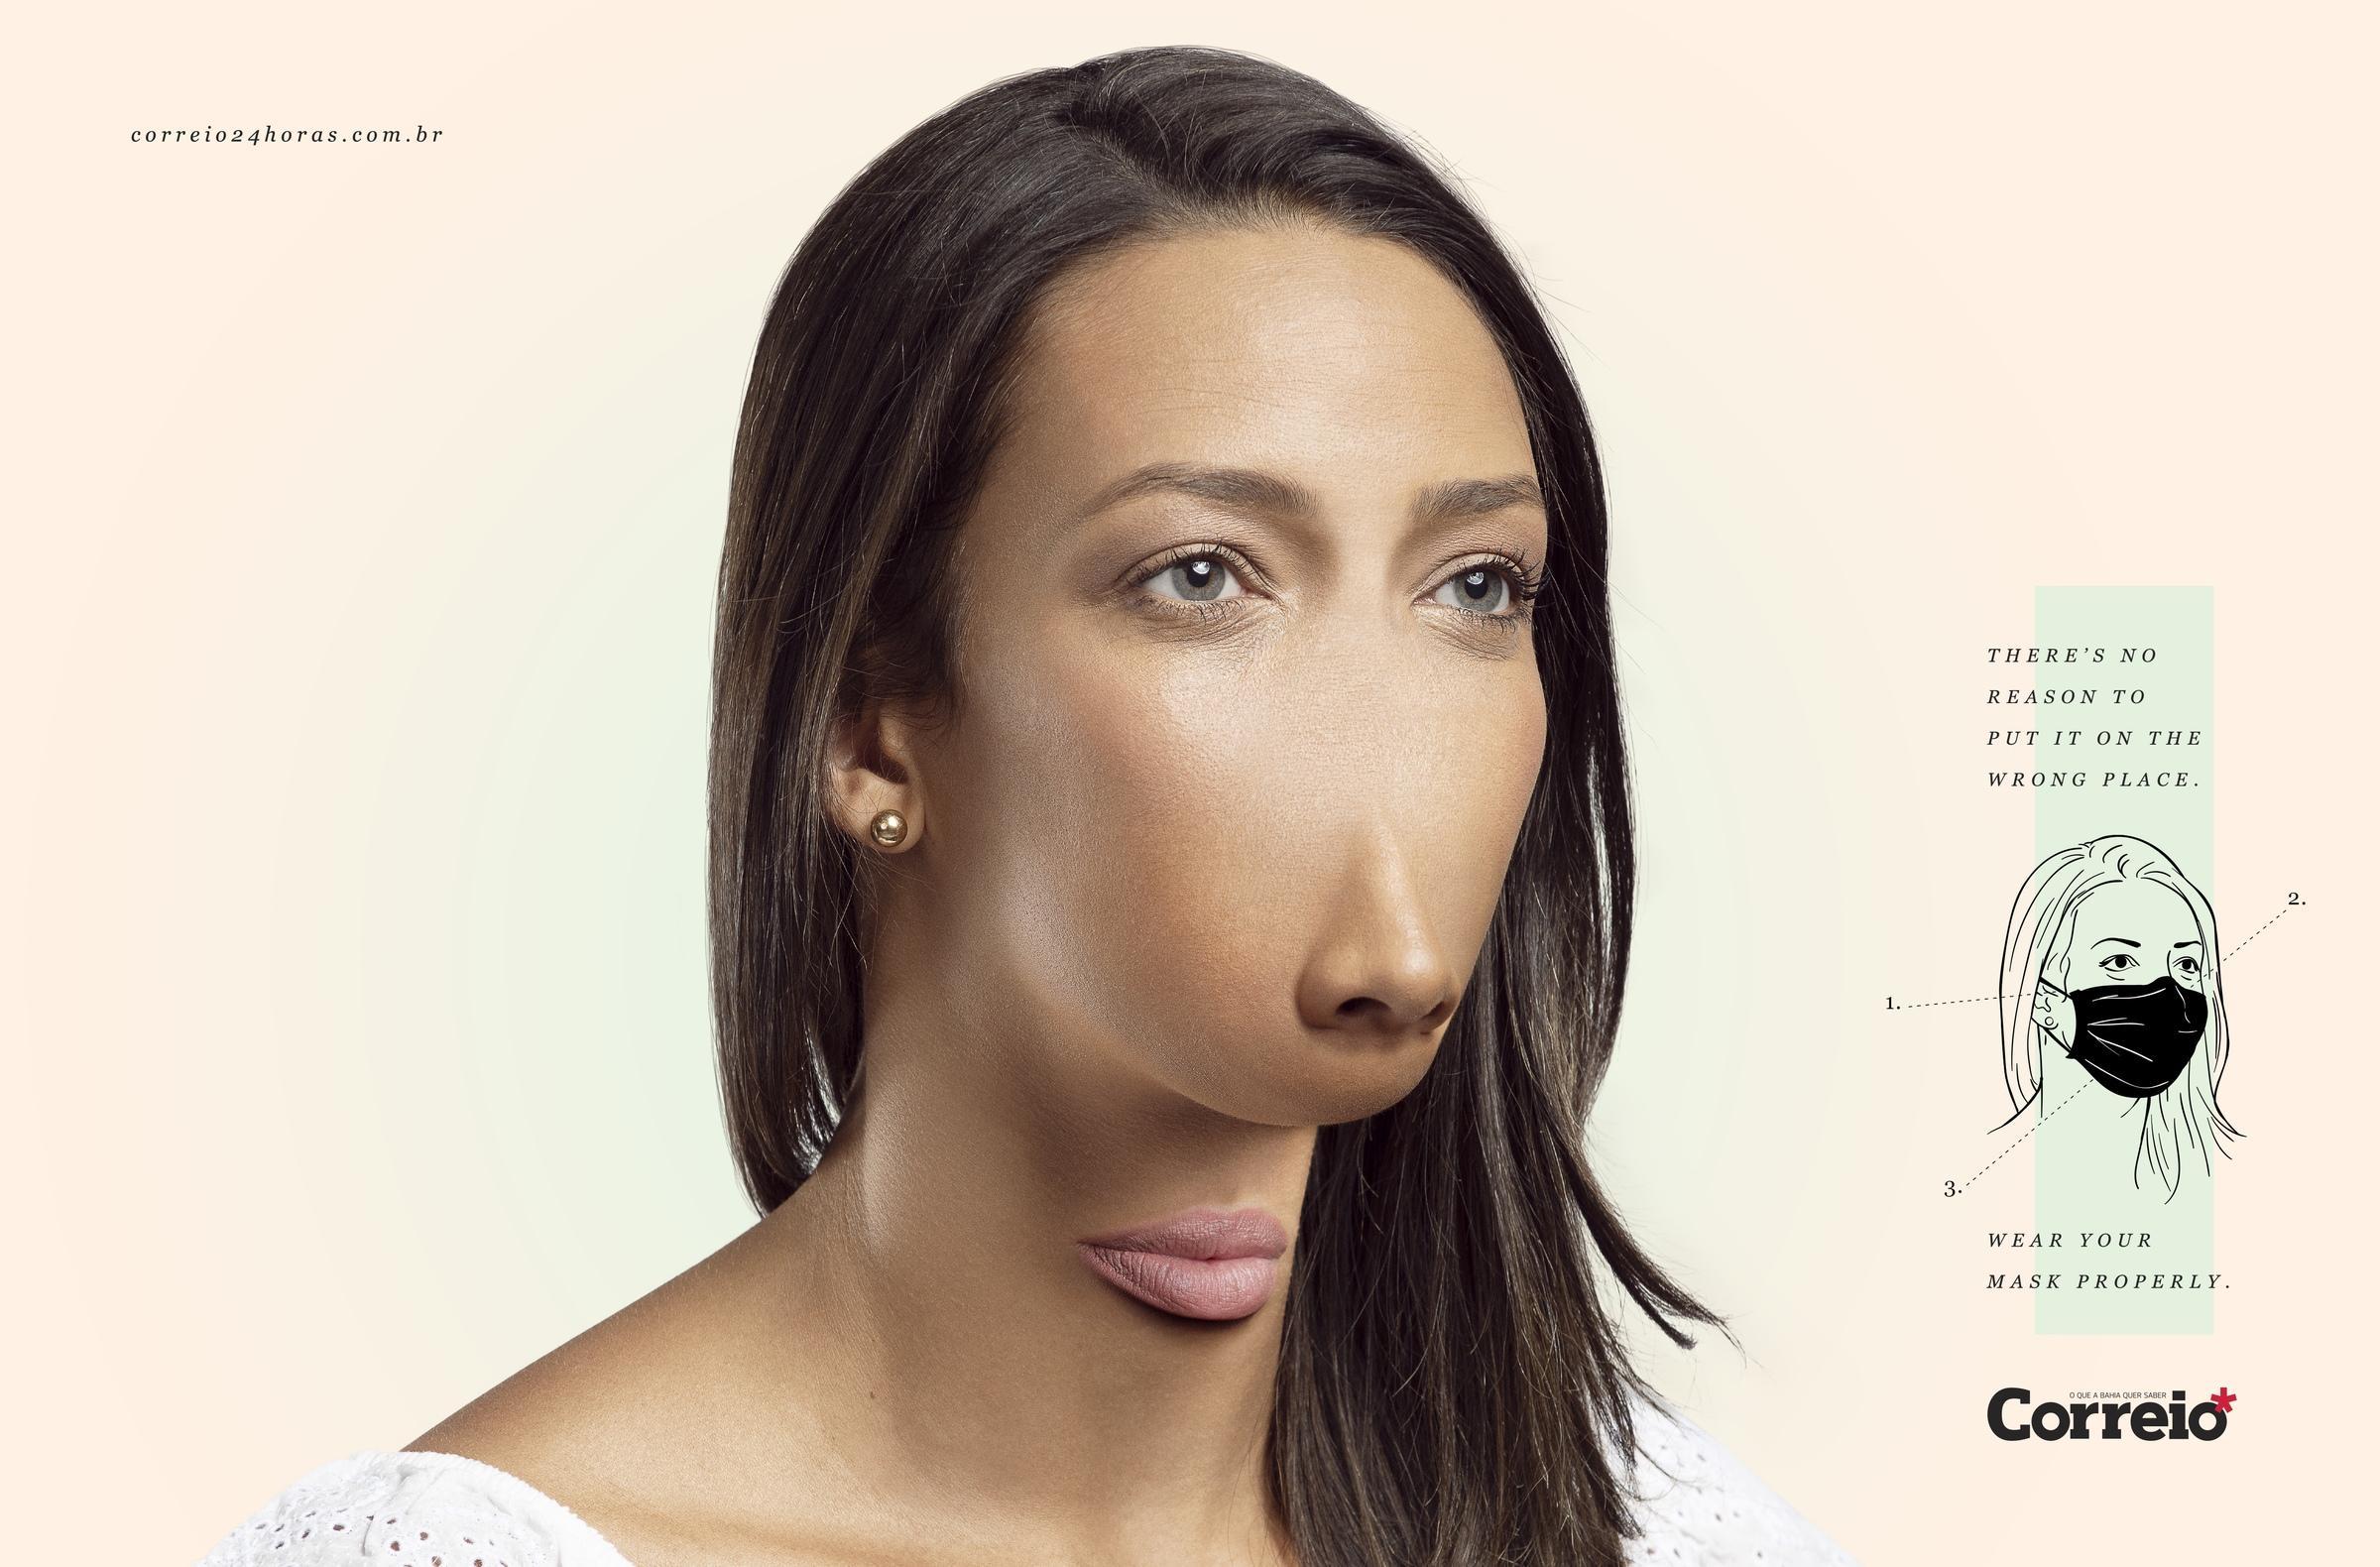 ФОТОФАКТ: социальная реклама в Бразилии метко высмеяла людей, которые носят маску на подбородке - фото 2